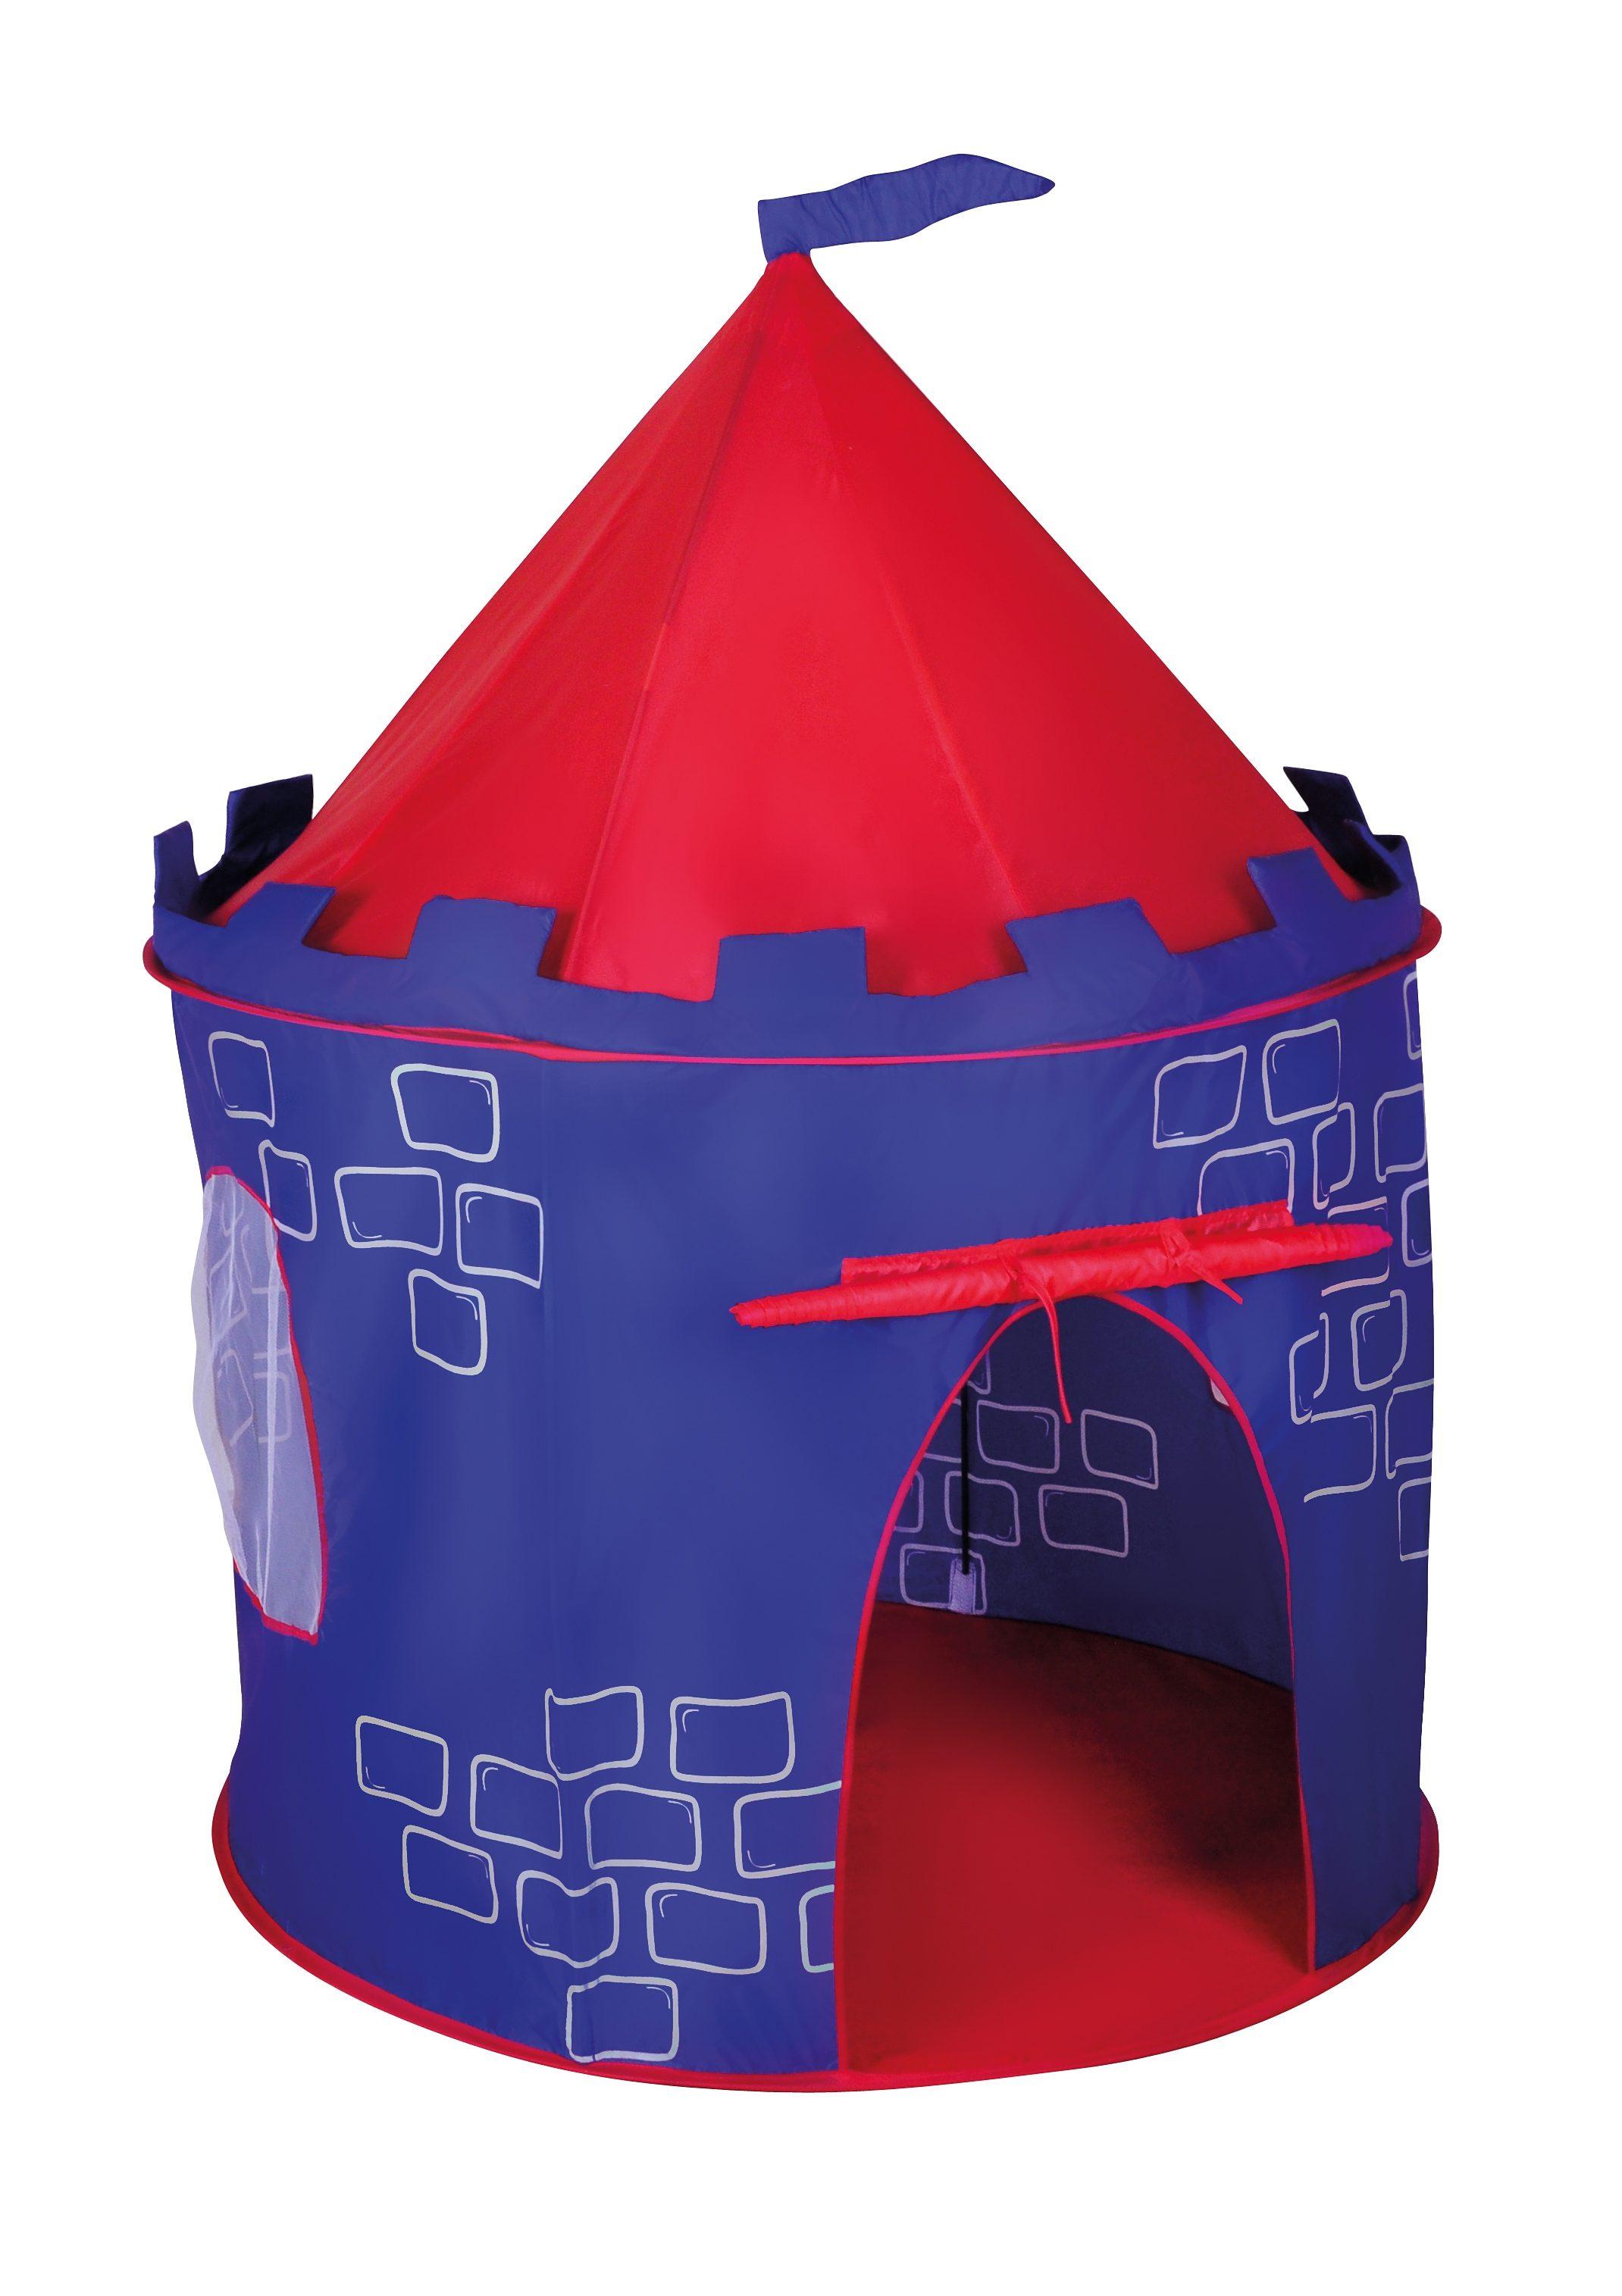 Kinderzelt, »Burg«, knorr toys